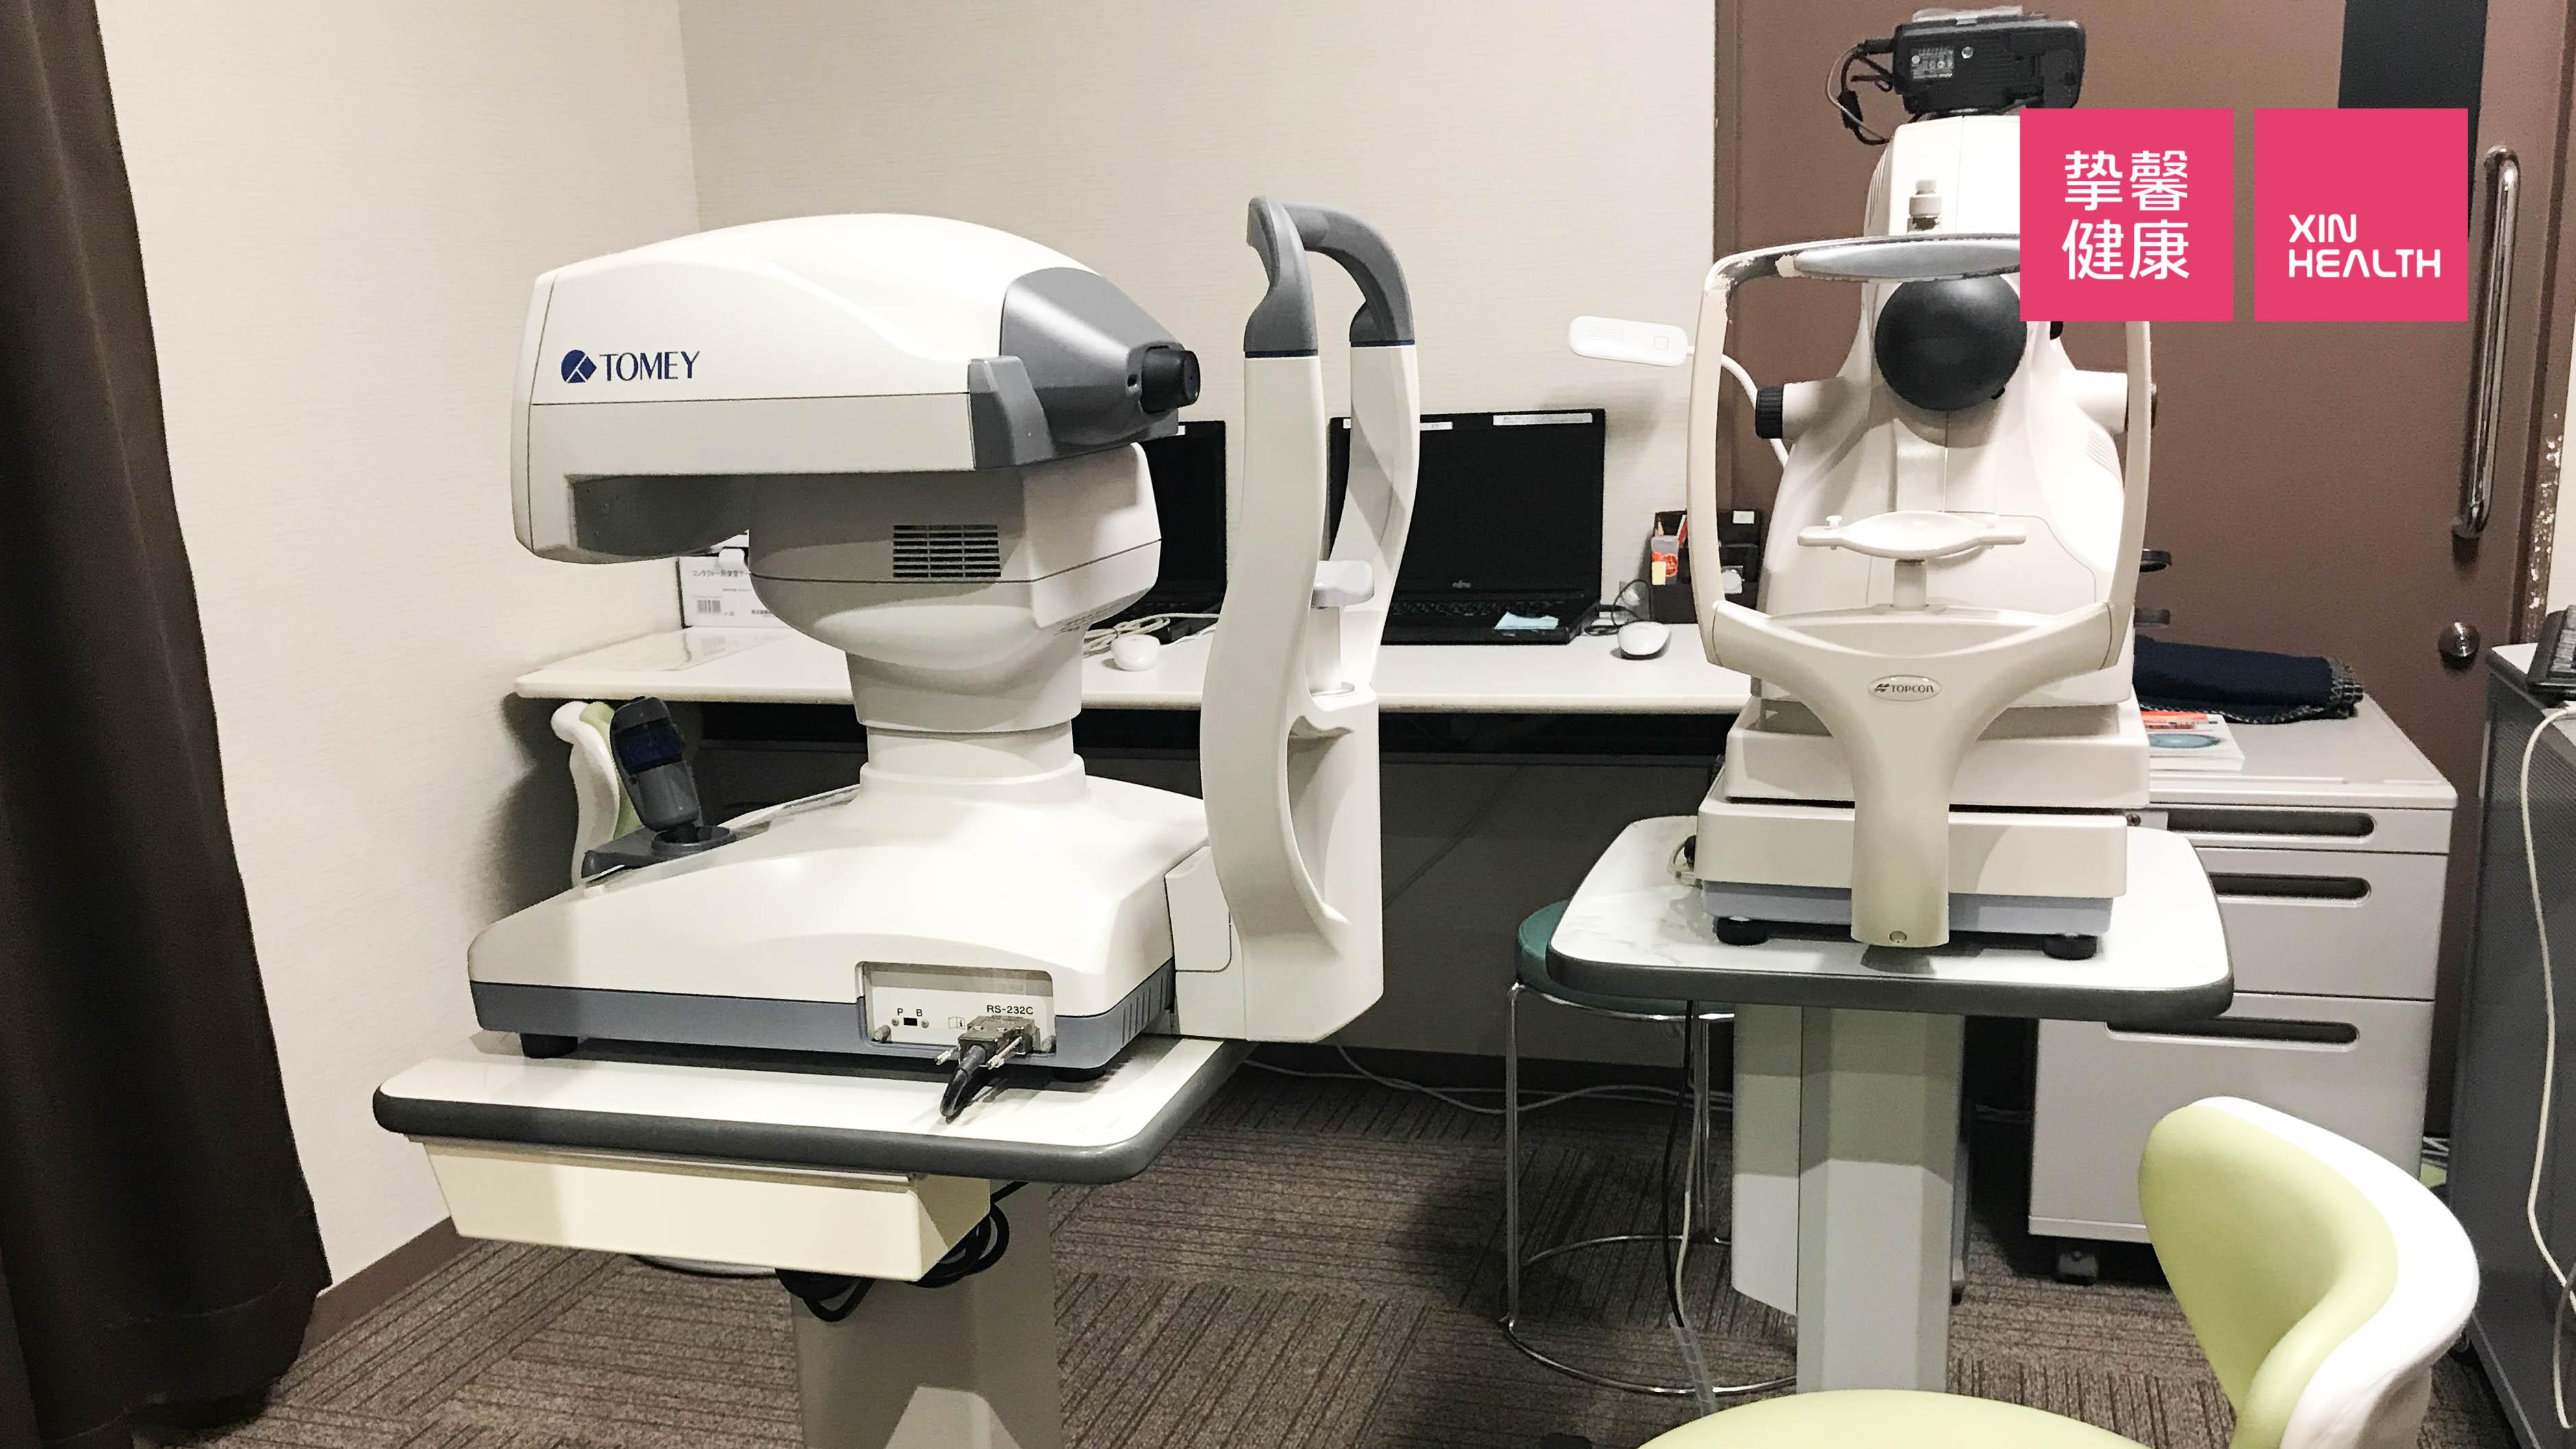 日本高级体检 眼科检查仪器